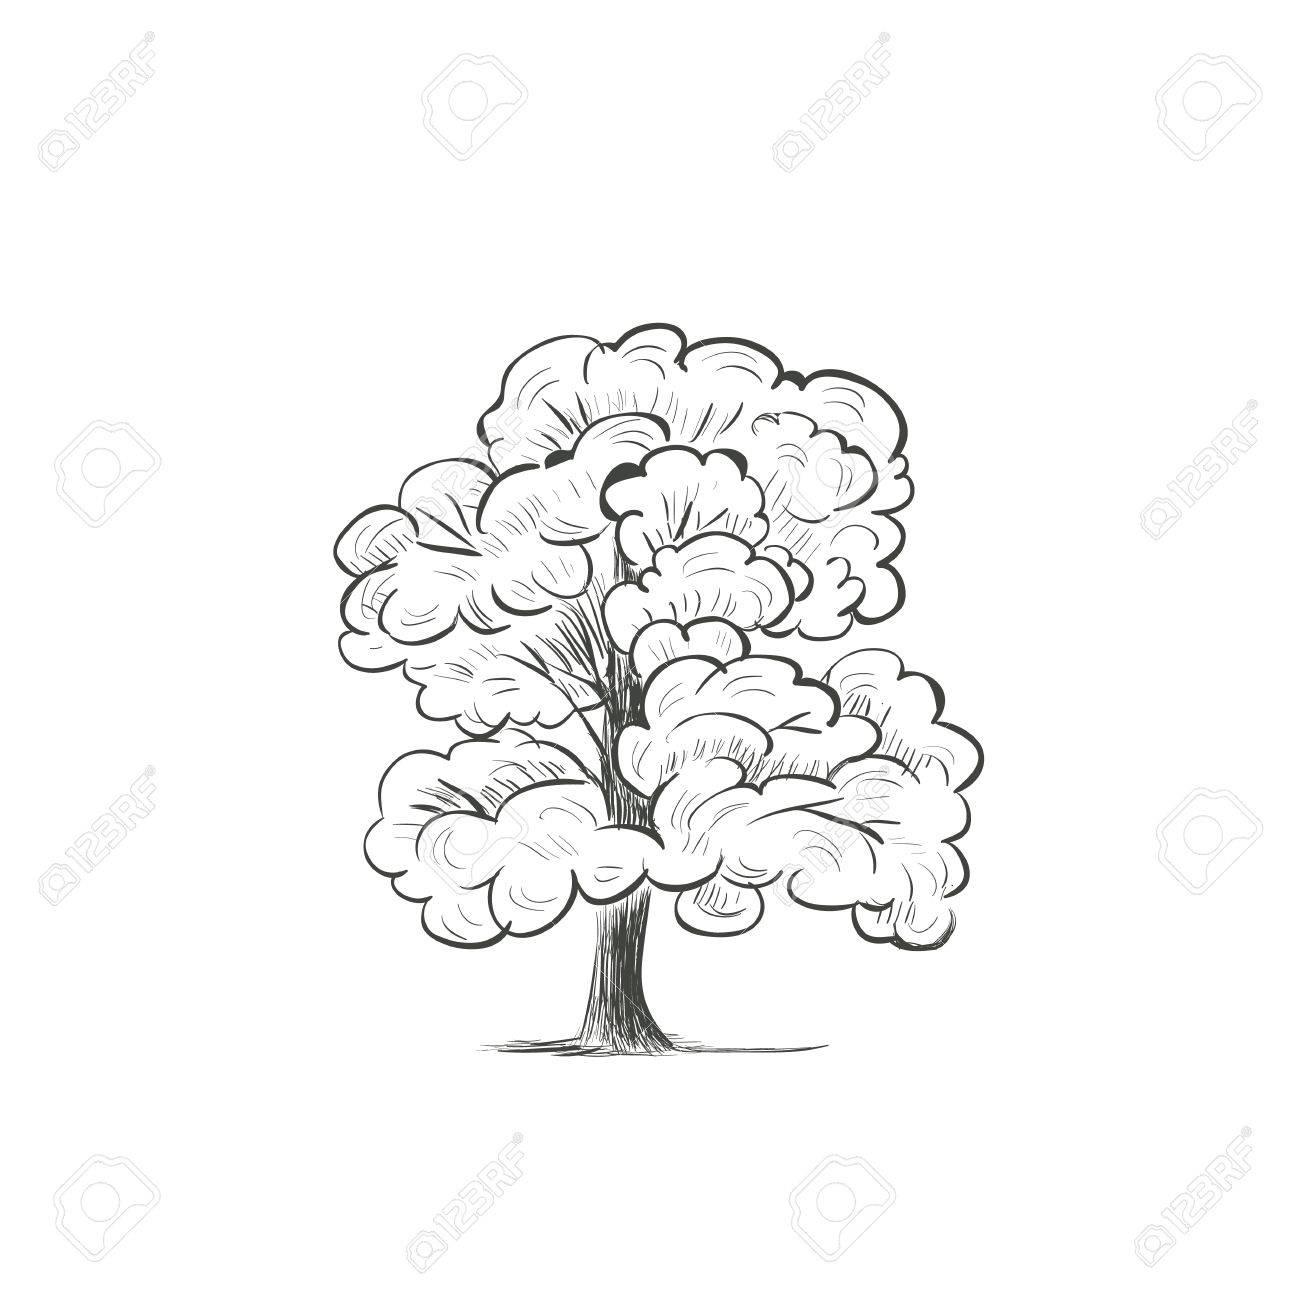 Tree Drawing Vector At Getdrawings